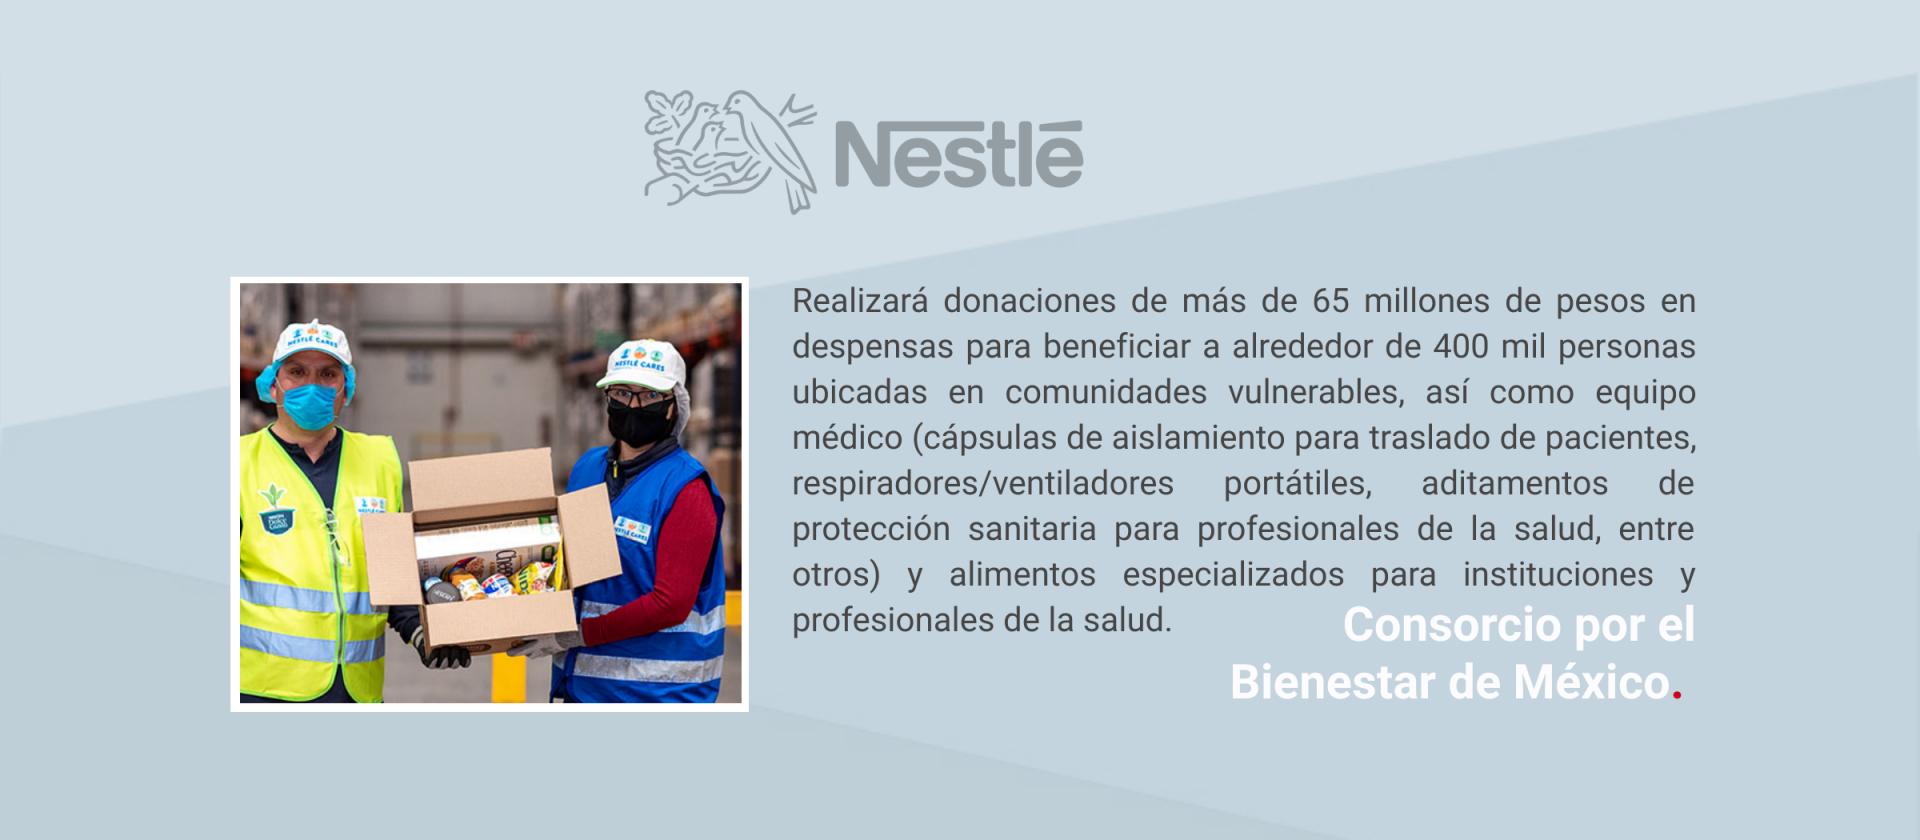 Comunicado Nestlé México